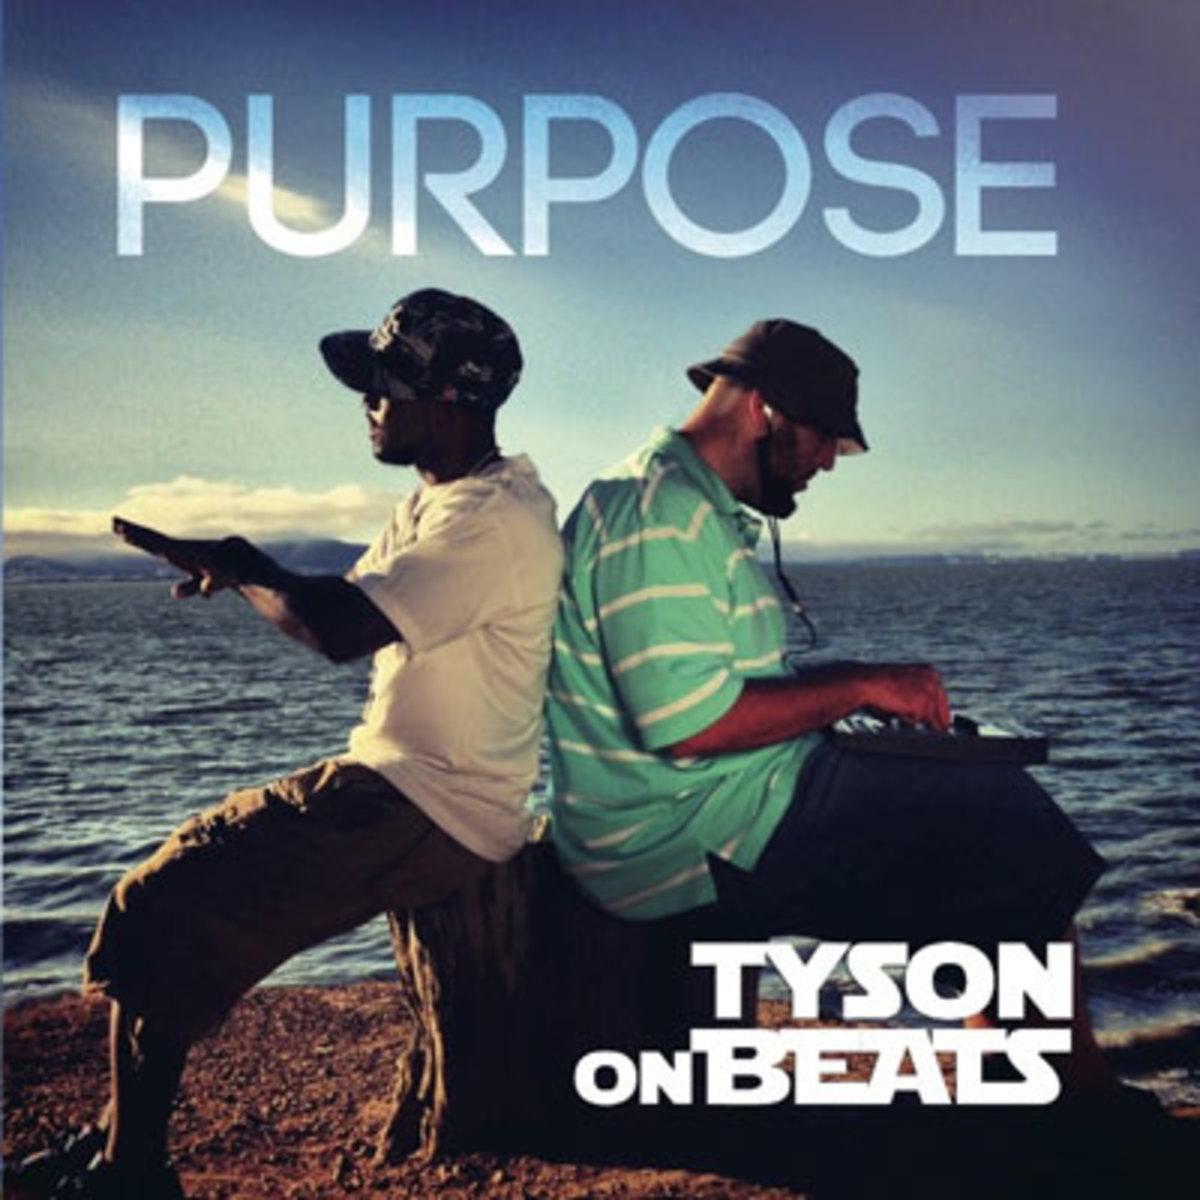 tysononbeats-purpose.jpg